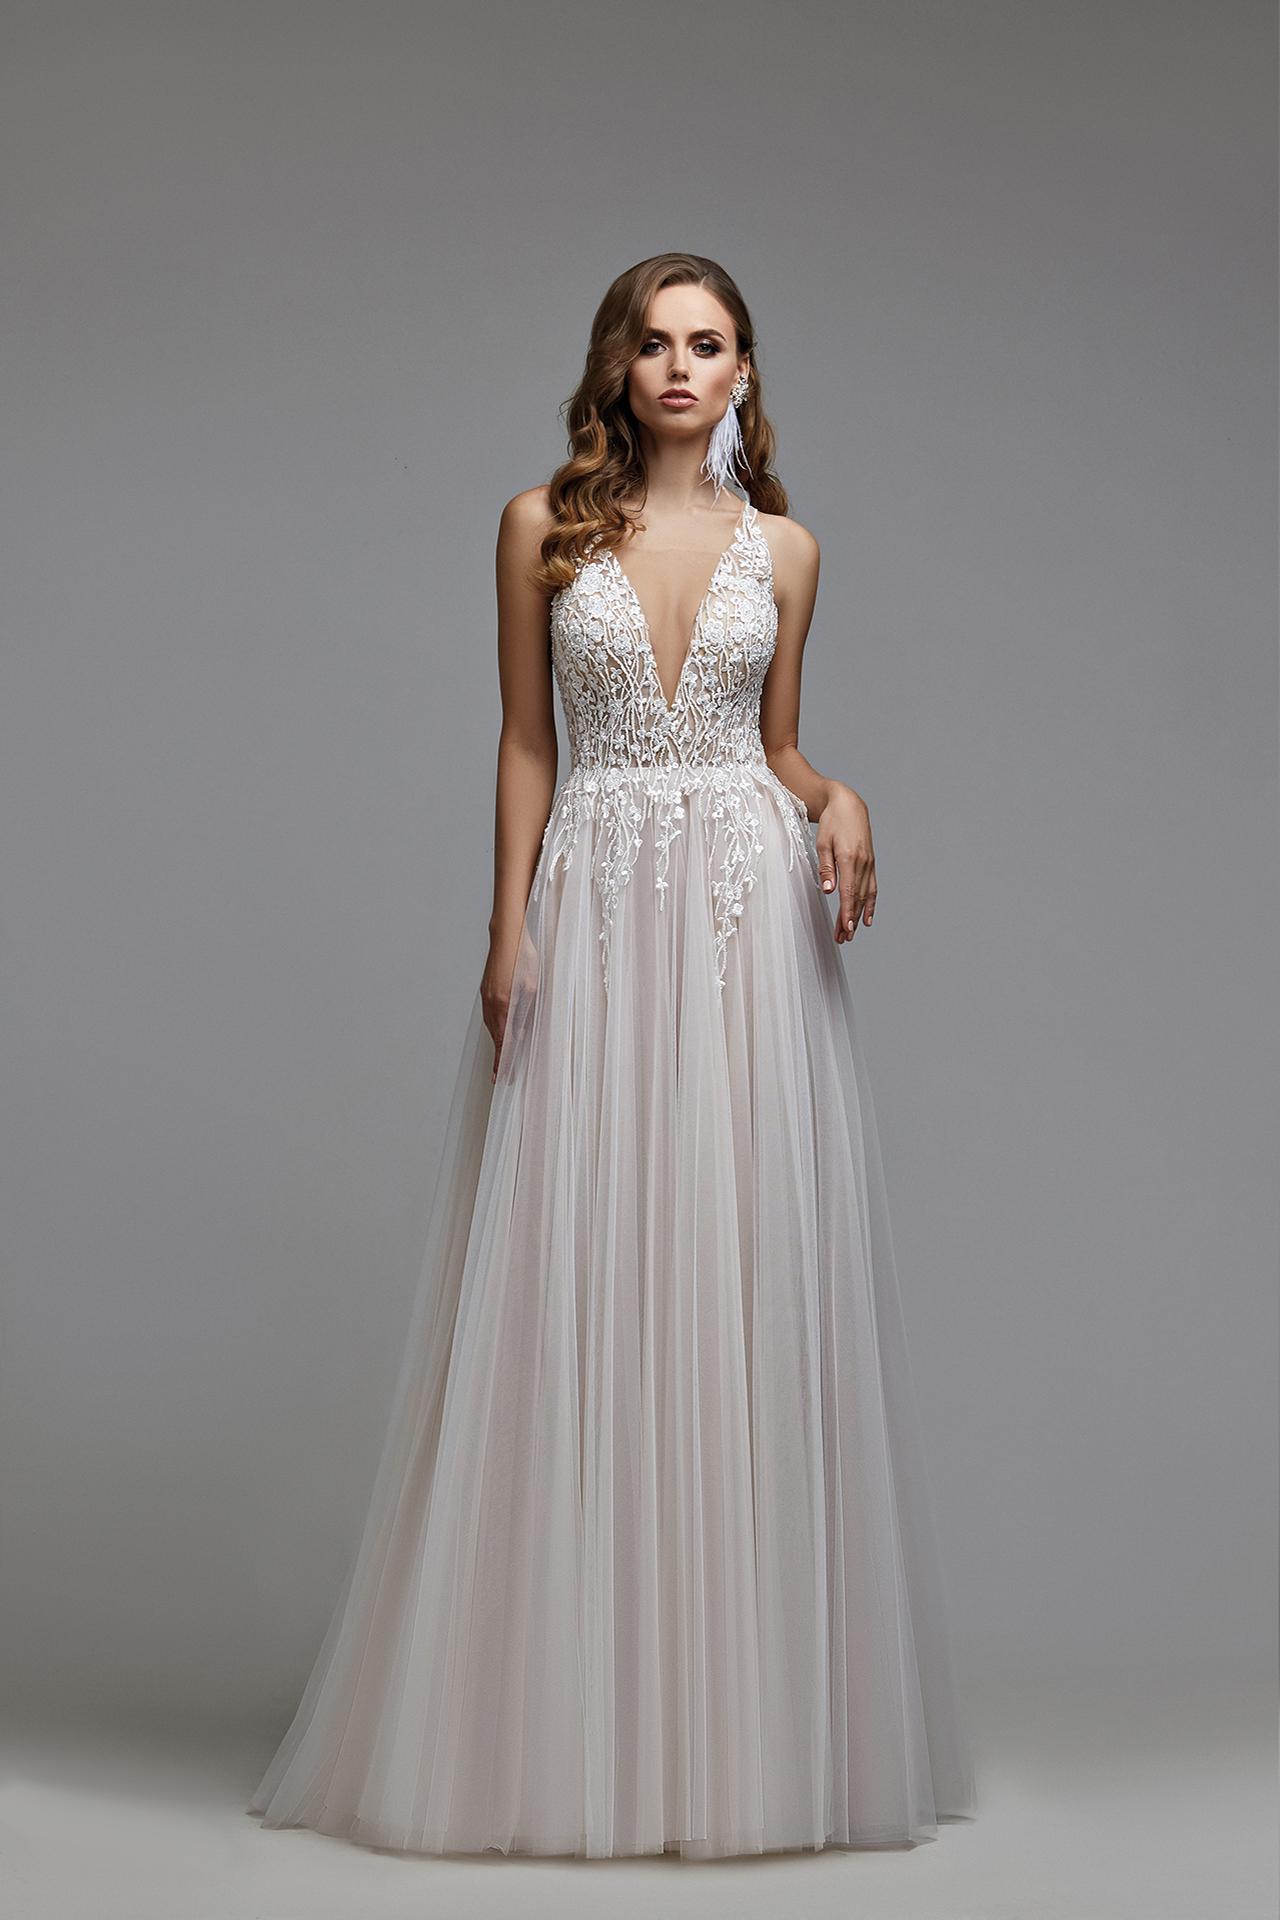 Hochzeitskleid im Boho-Stil,Blush Mesh Brautkleid,romantisches